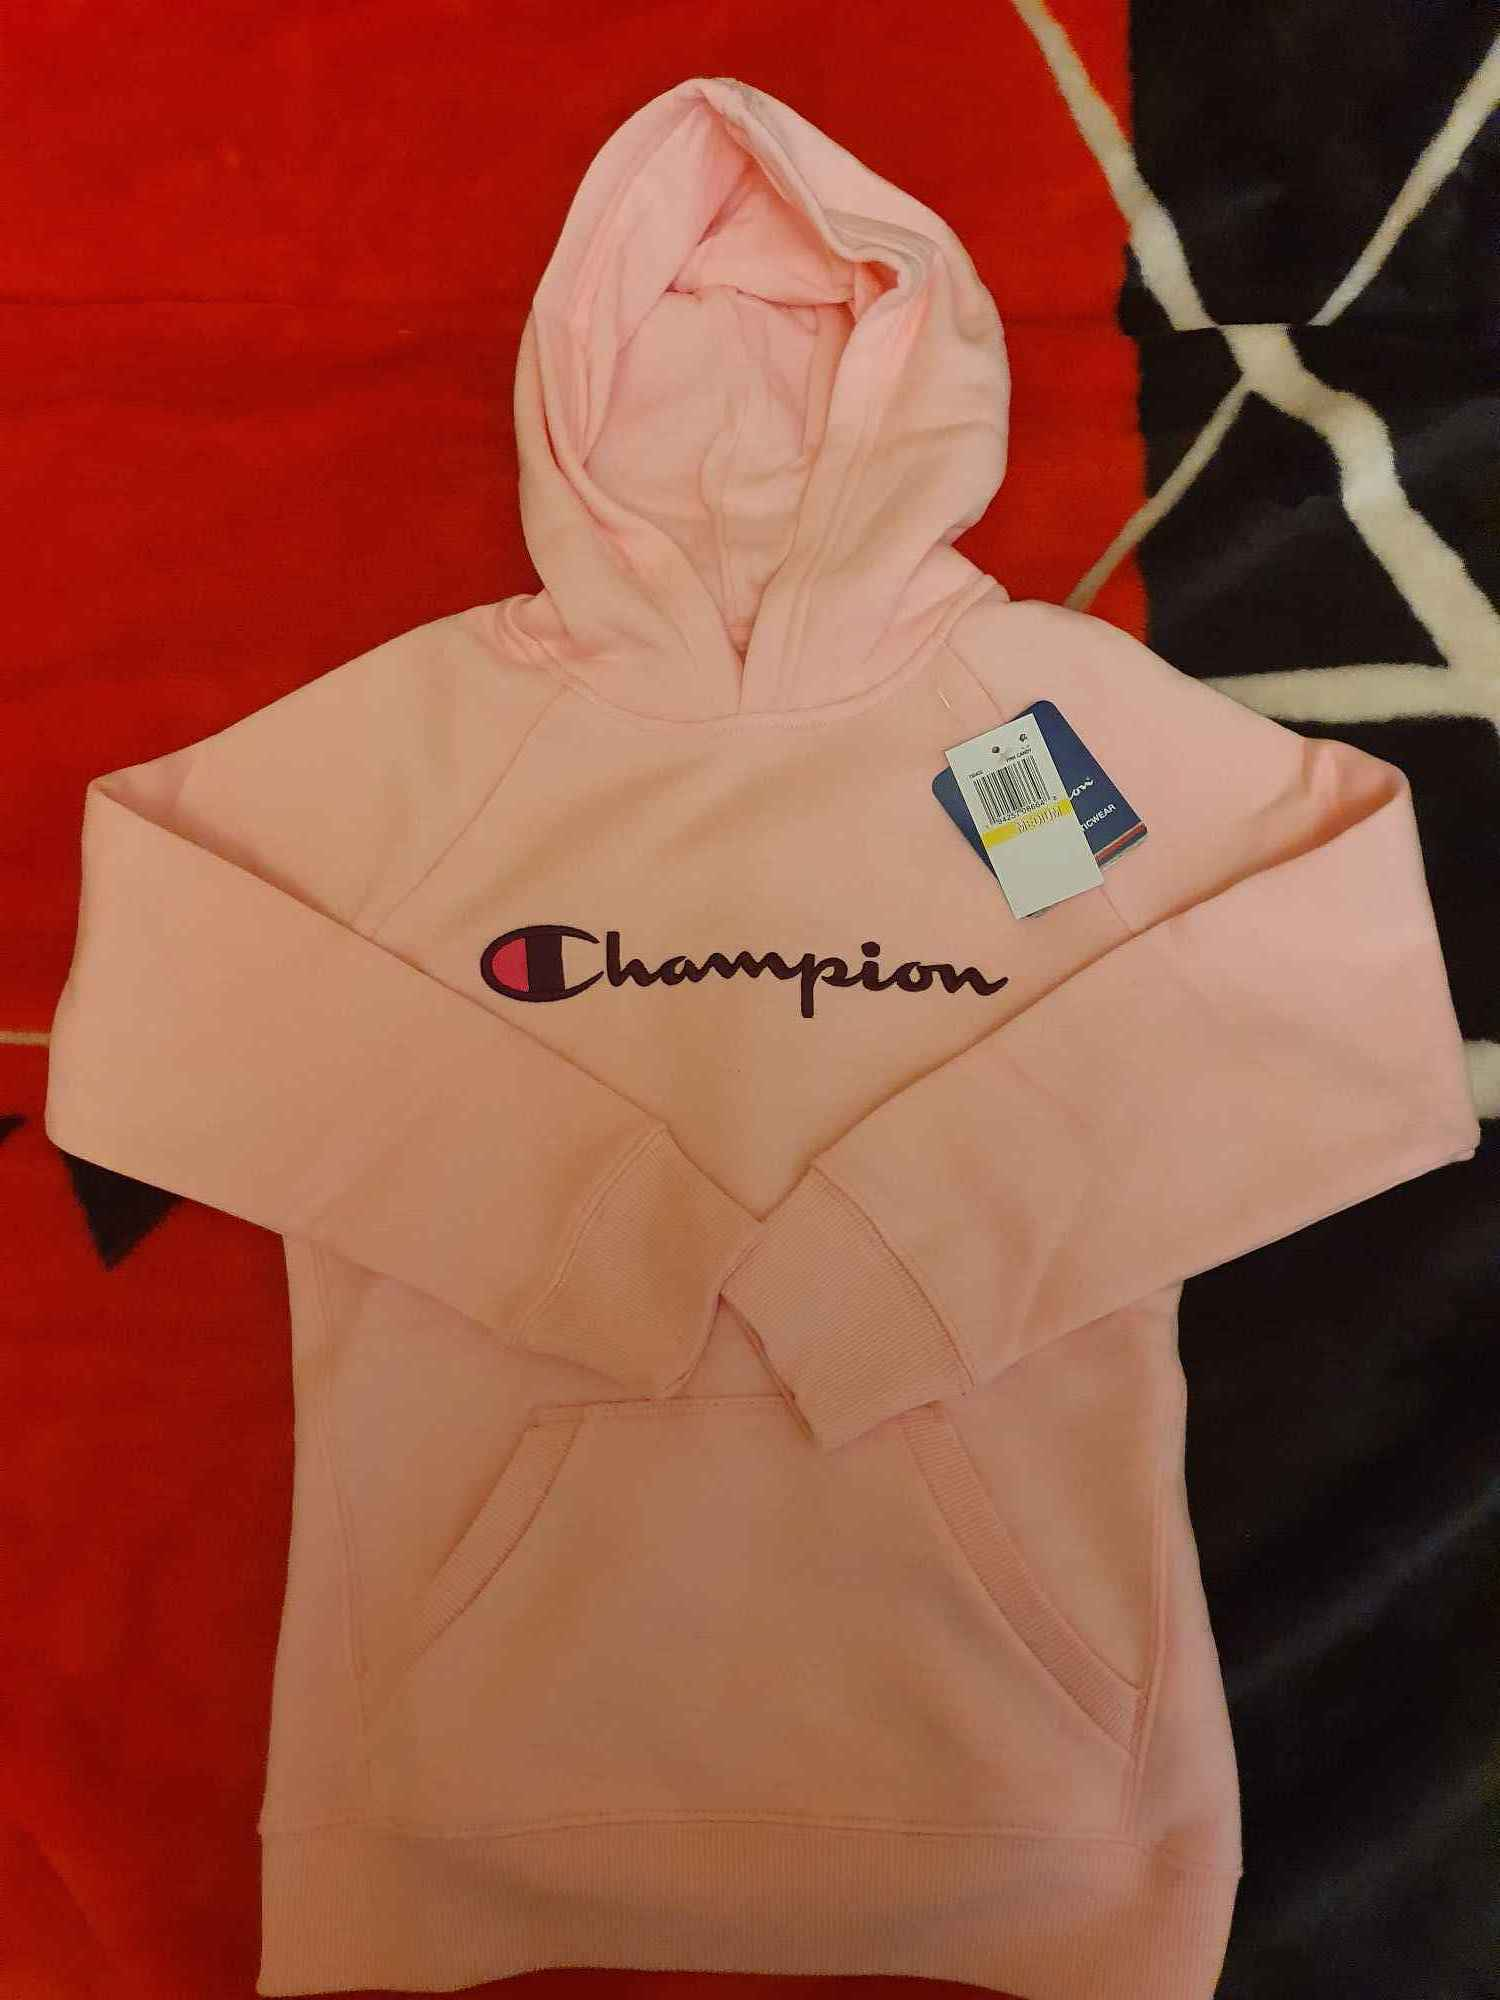 Bluza różowa Champion Rozmiar M  - 13 lat Włocławek - zdjęcie 2